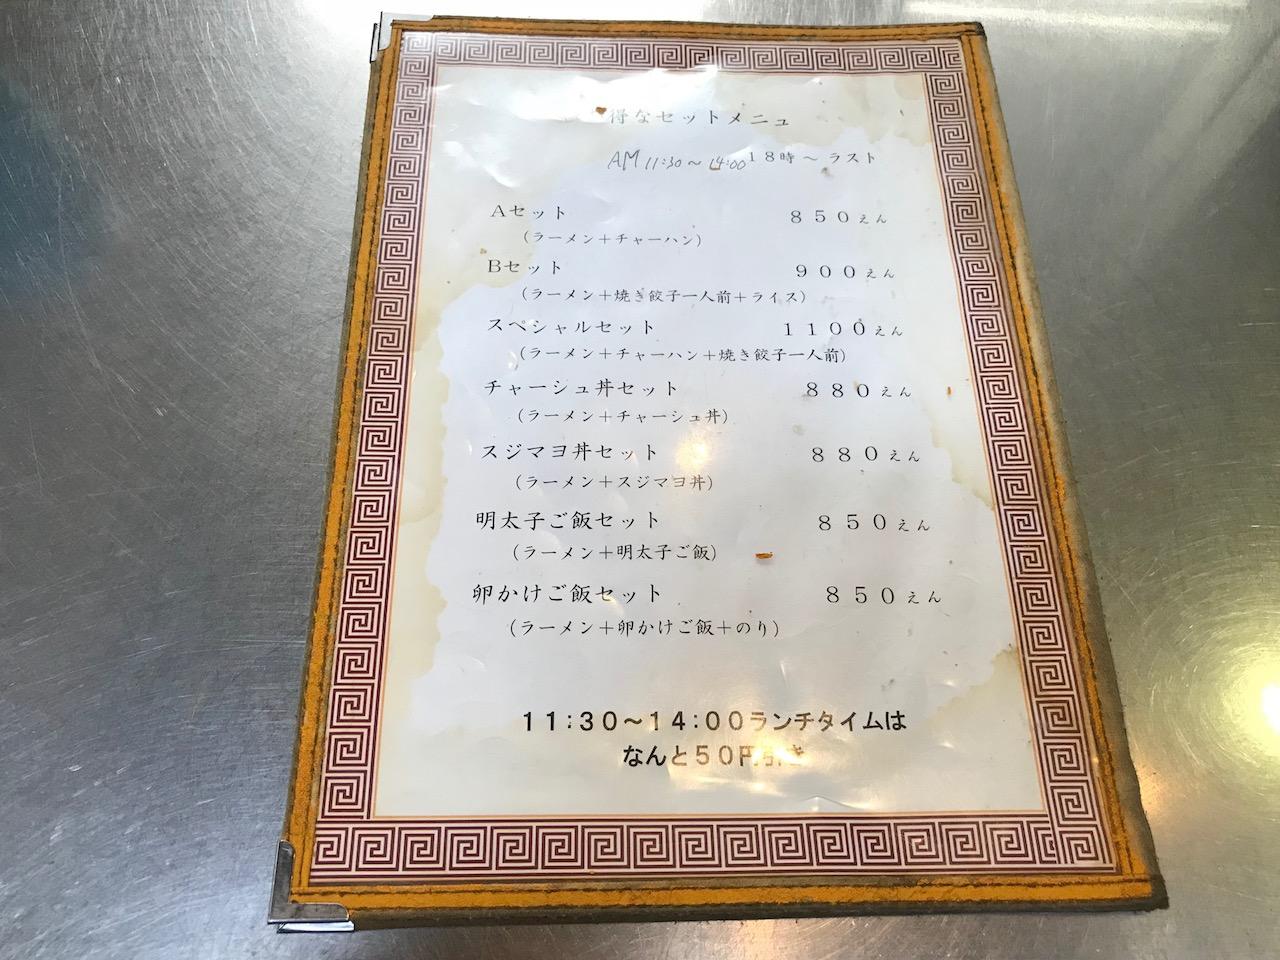 姫路駅前のあっさり豚骨ラーメン「ラーメンじなん坊」のチャーシュー美味いな!